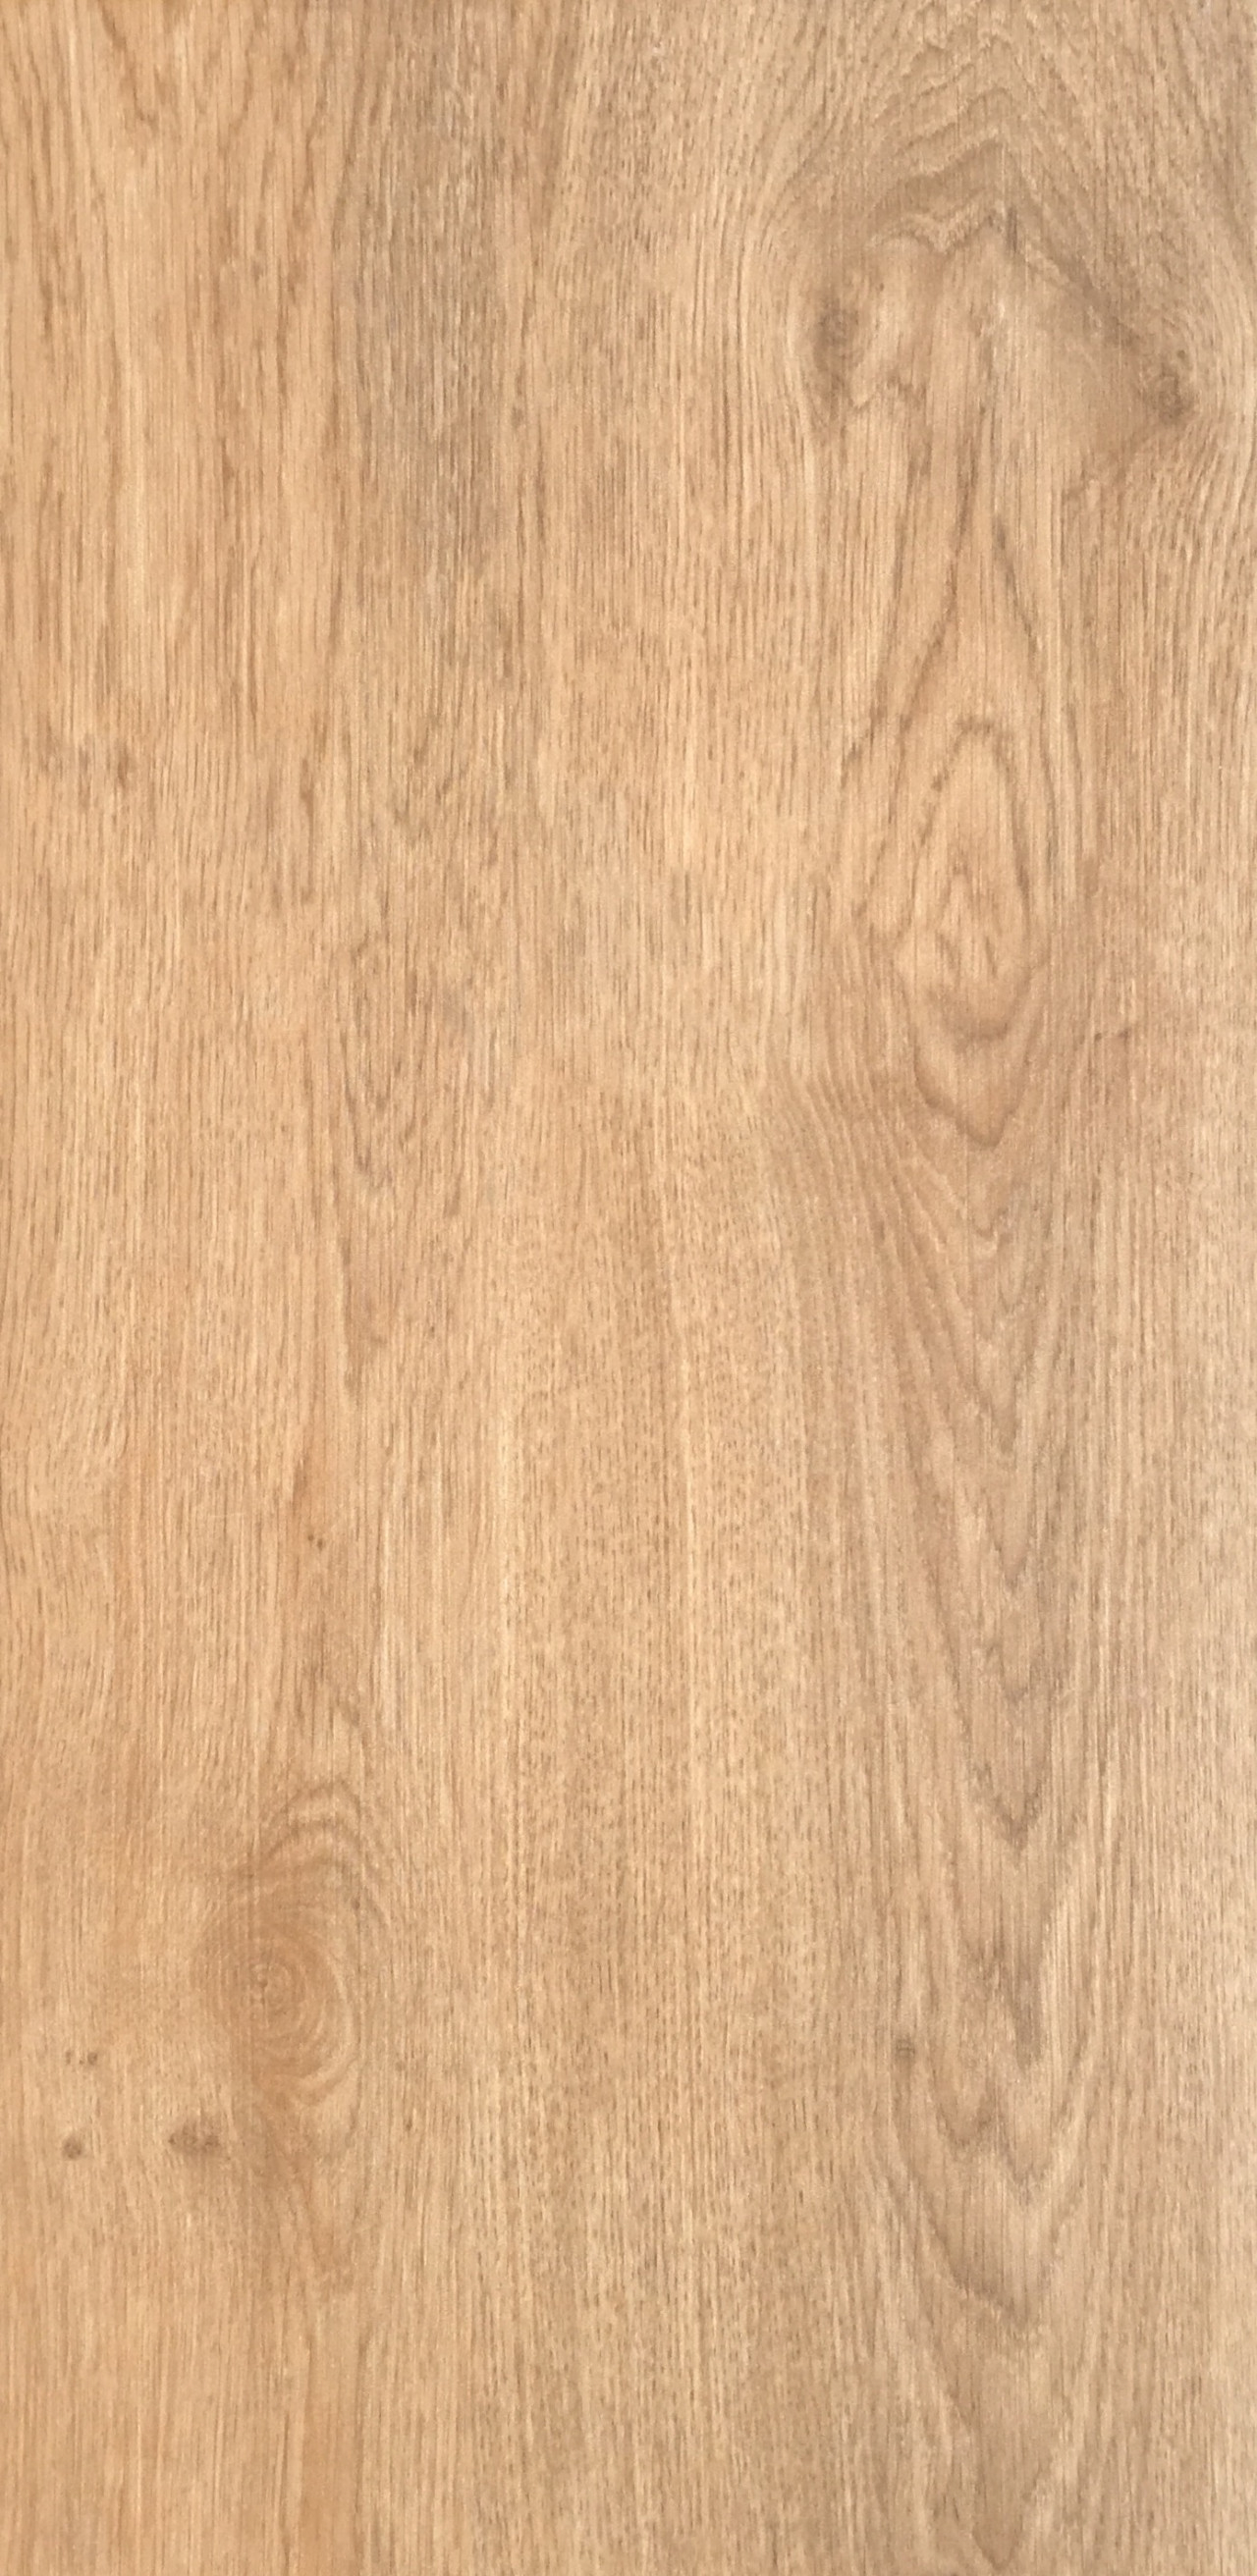 Precio gres porcelanico imitacion madera excellent precio - Gres imitacion madera ...